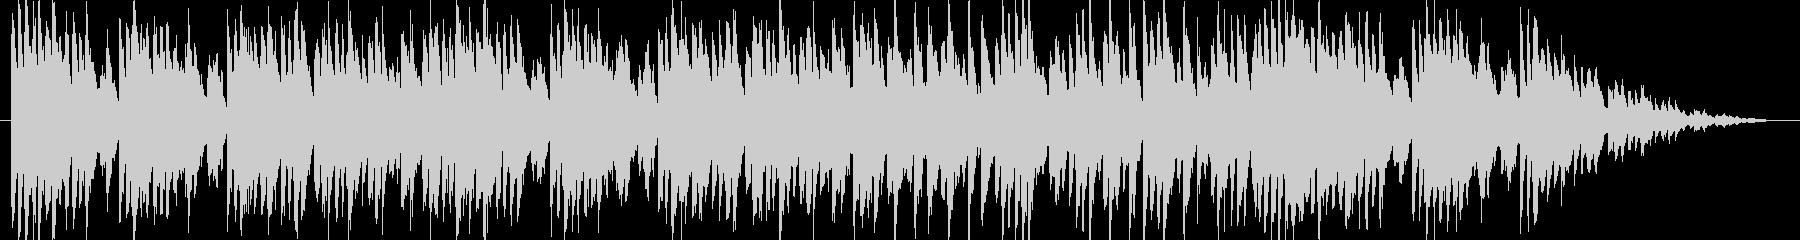 かわいいコミカルなオーケストラジングルの未再生の波形